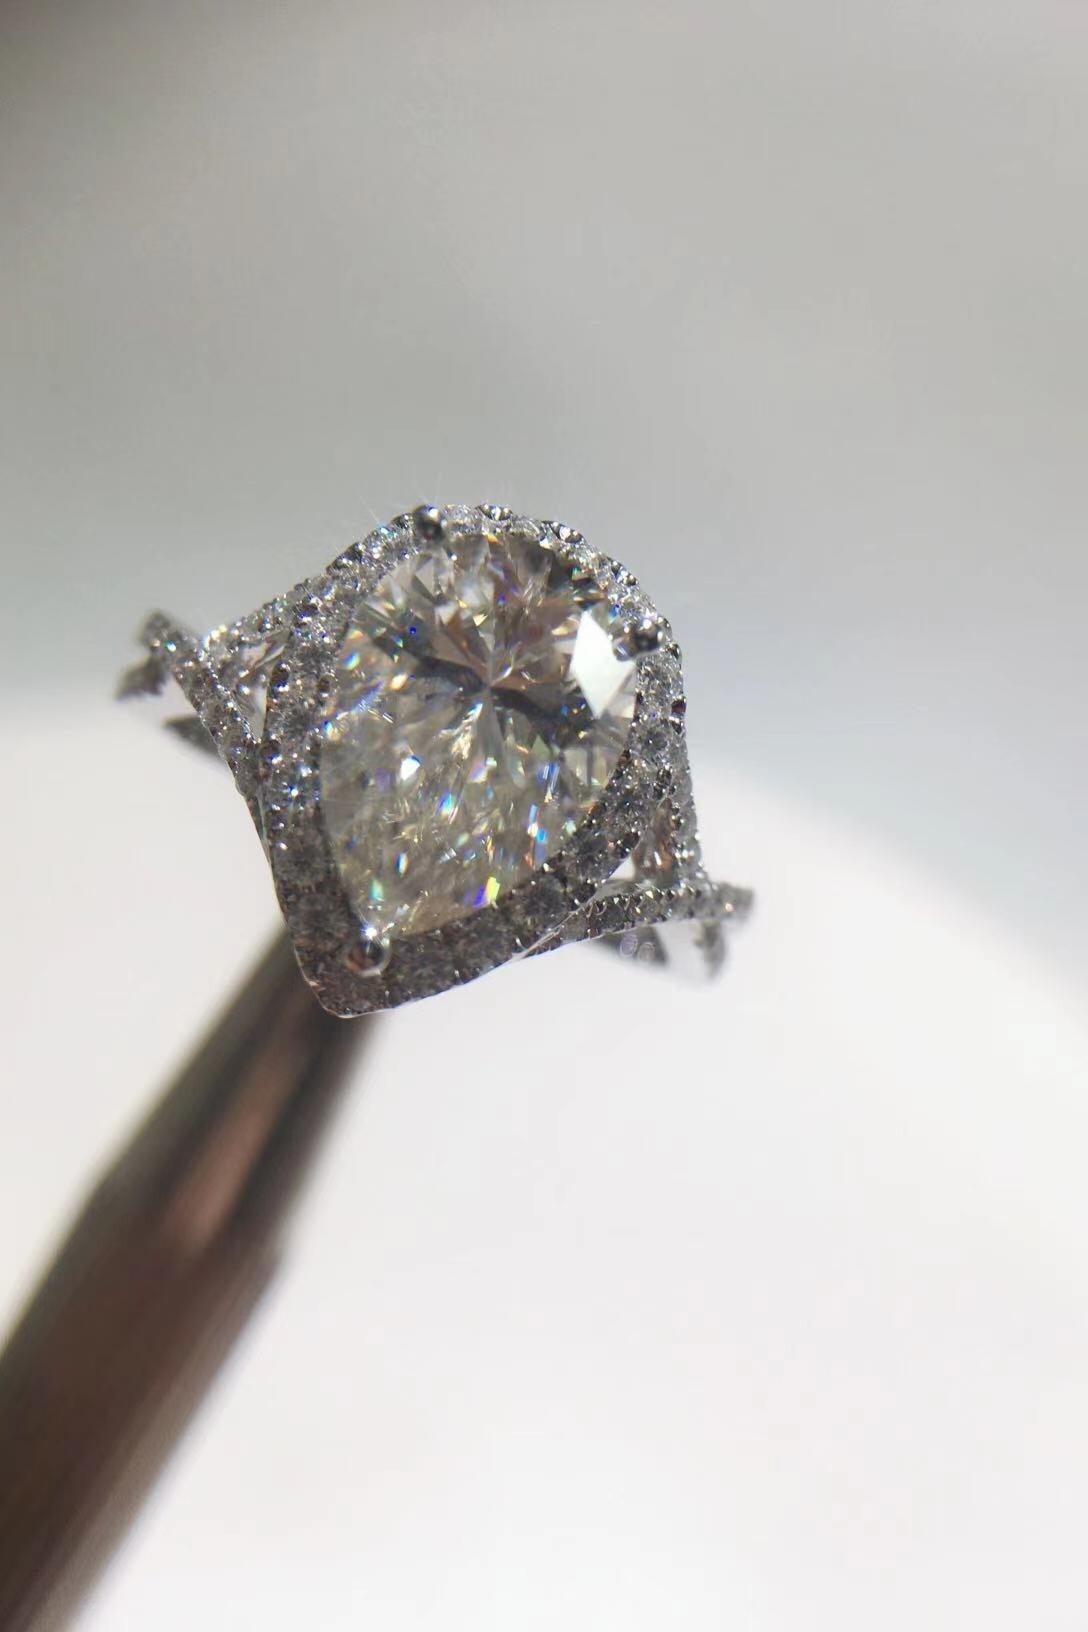 18K الذهب 2 قيراط على شكل قطرة على شكل الكمثرى VVS D اللون مويسانيتي الماس الكامل الفاخرة على شكل خاص خاتم السيدات